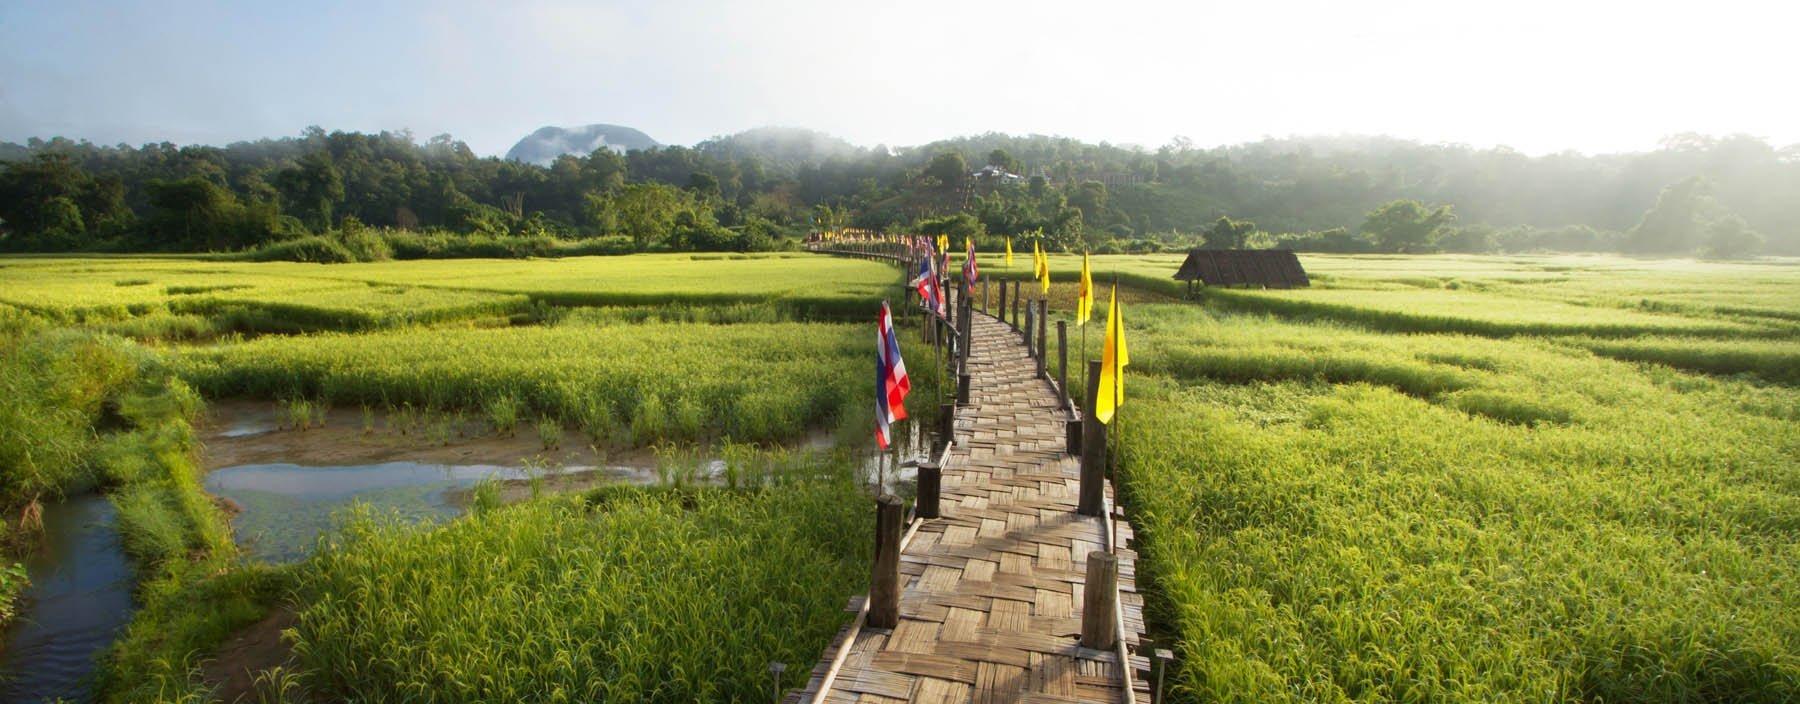 thailand, mae hong son, sutongpe bridge (1).jpg